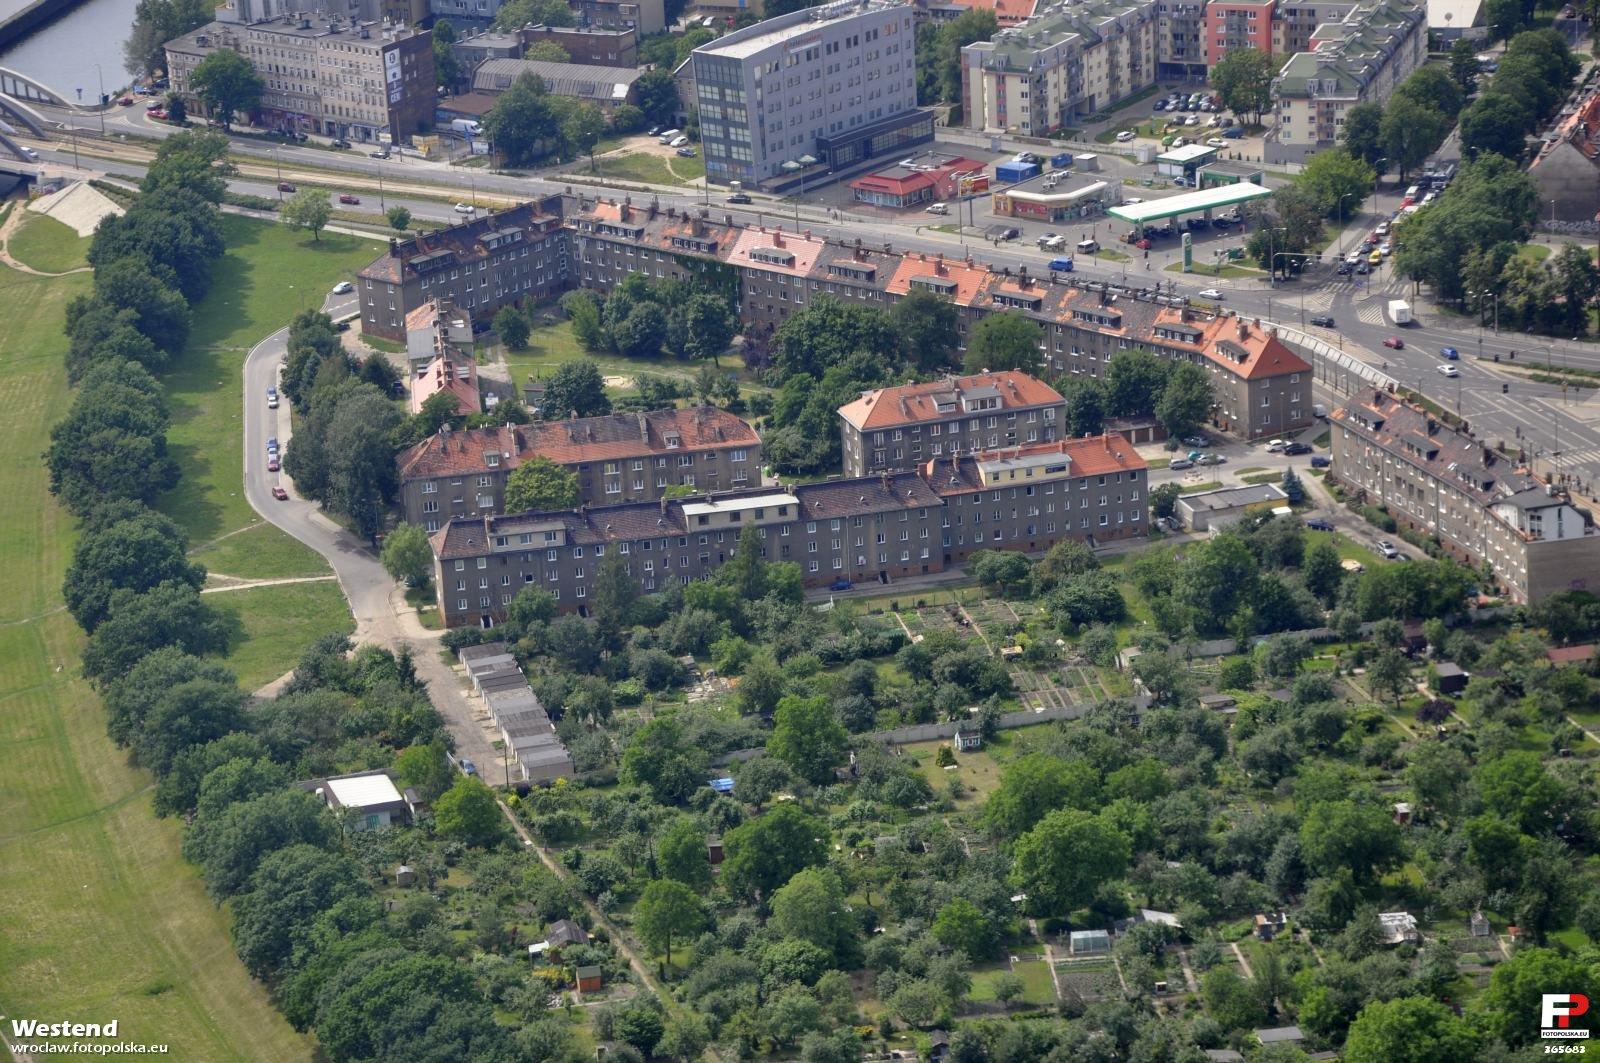 Zdjecia_lotnicze_-_Karlowice_365683_Fotopolska-Eu